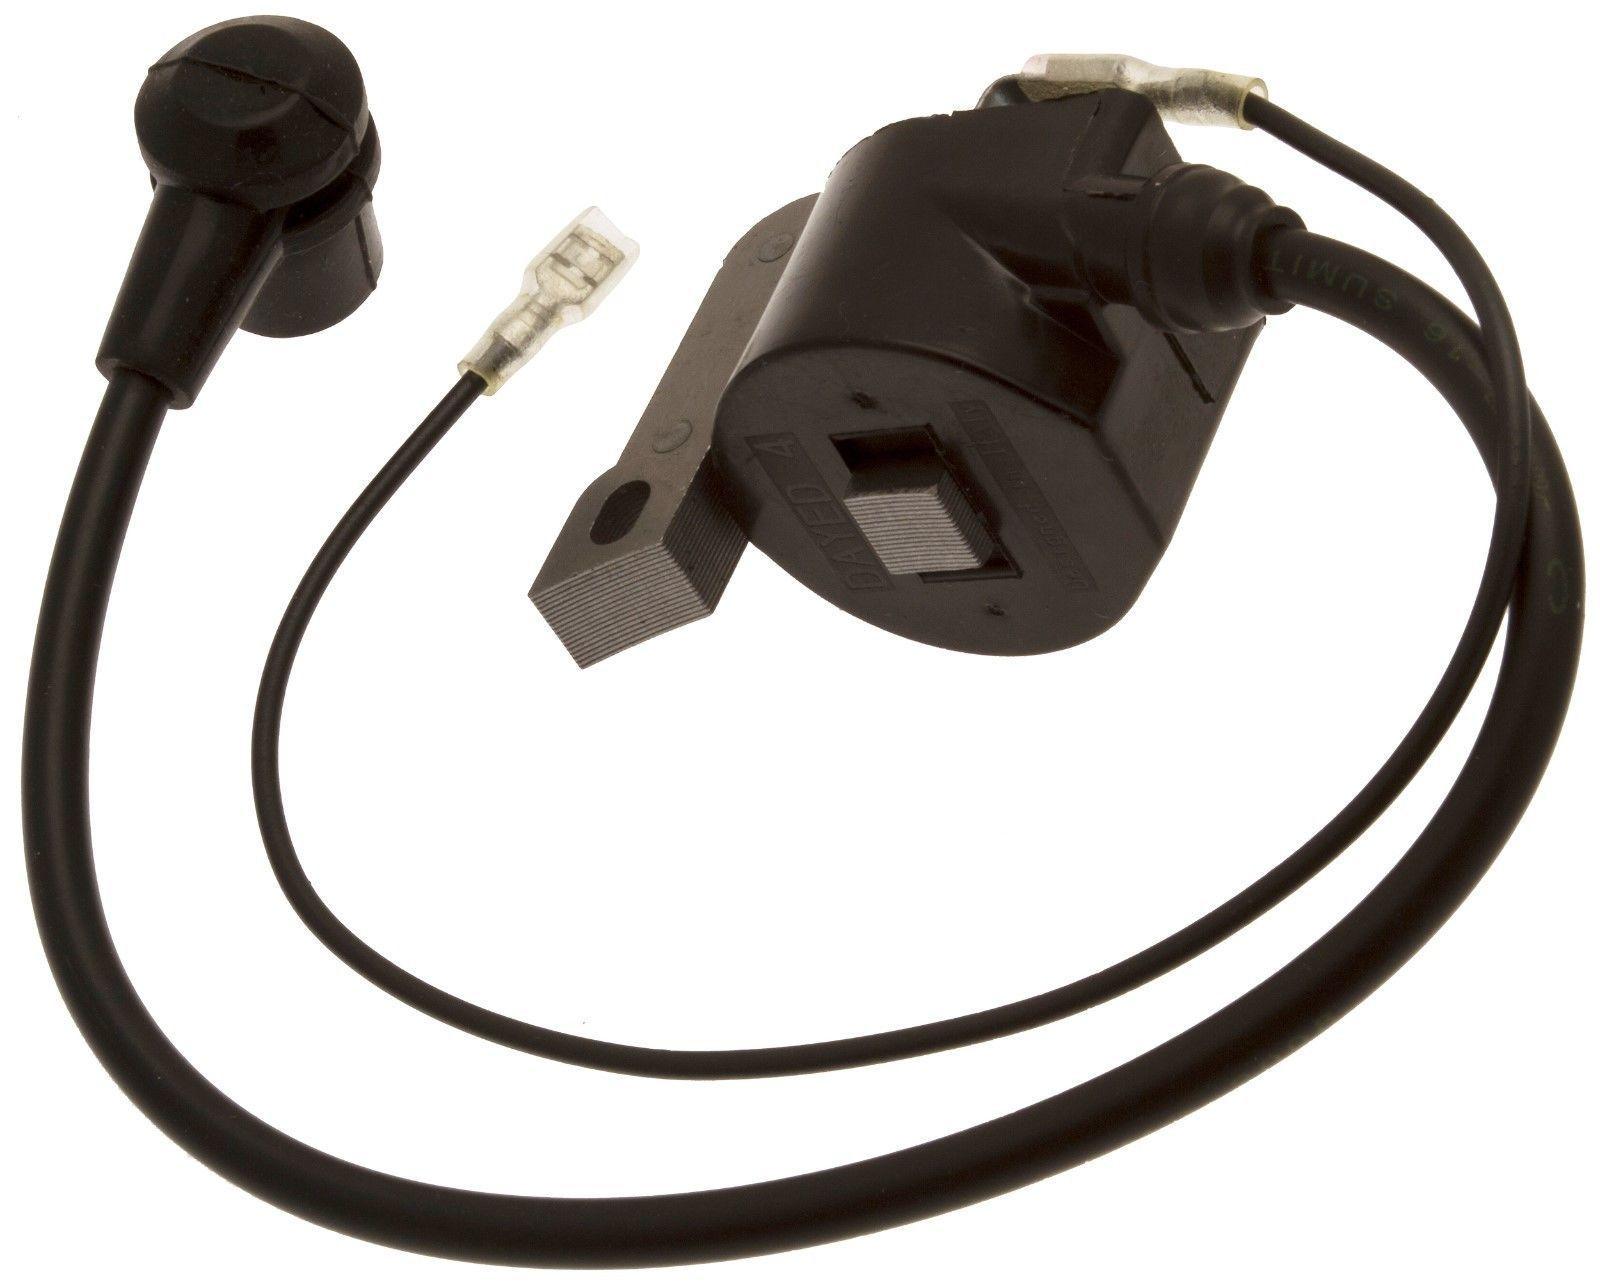 Ignition Coil for Husqvarna K650 K700 K850 K950 K1200 K1250 Cutoff Saws